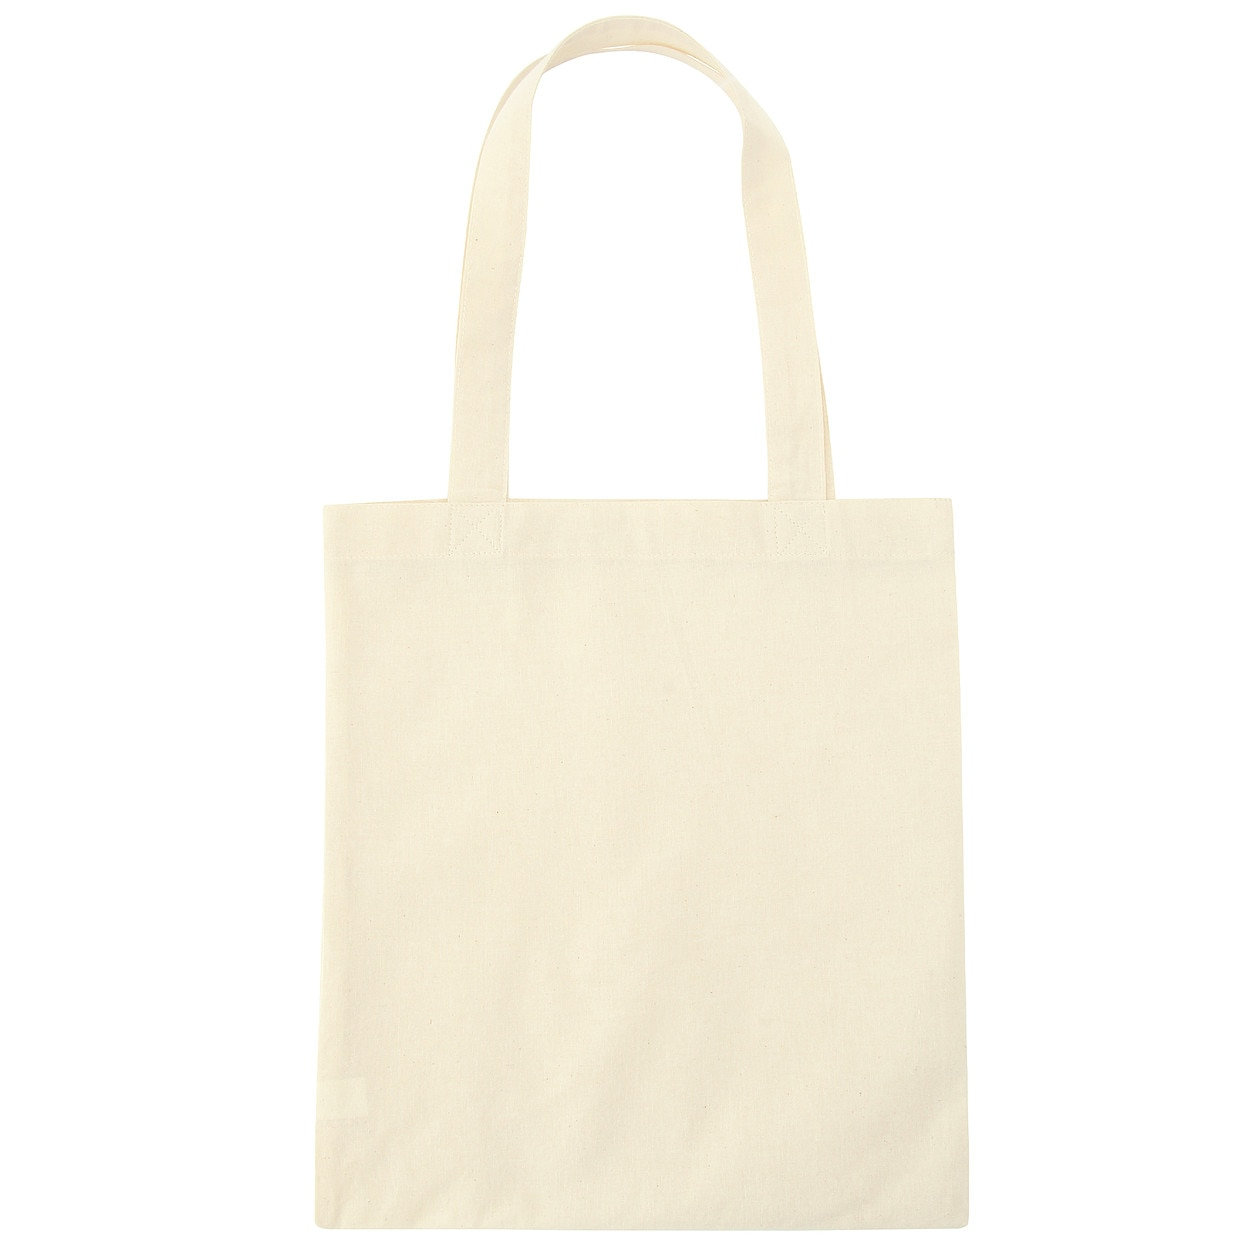 土耳其棉布製購物袋生成B5 生成B5   無印良品